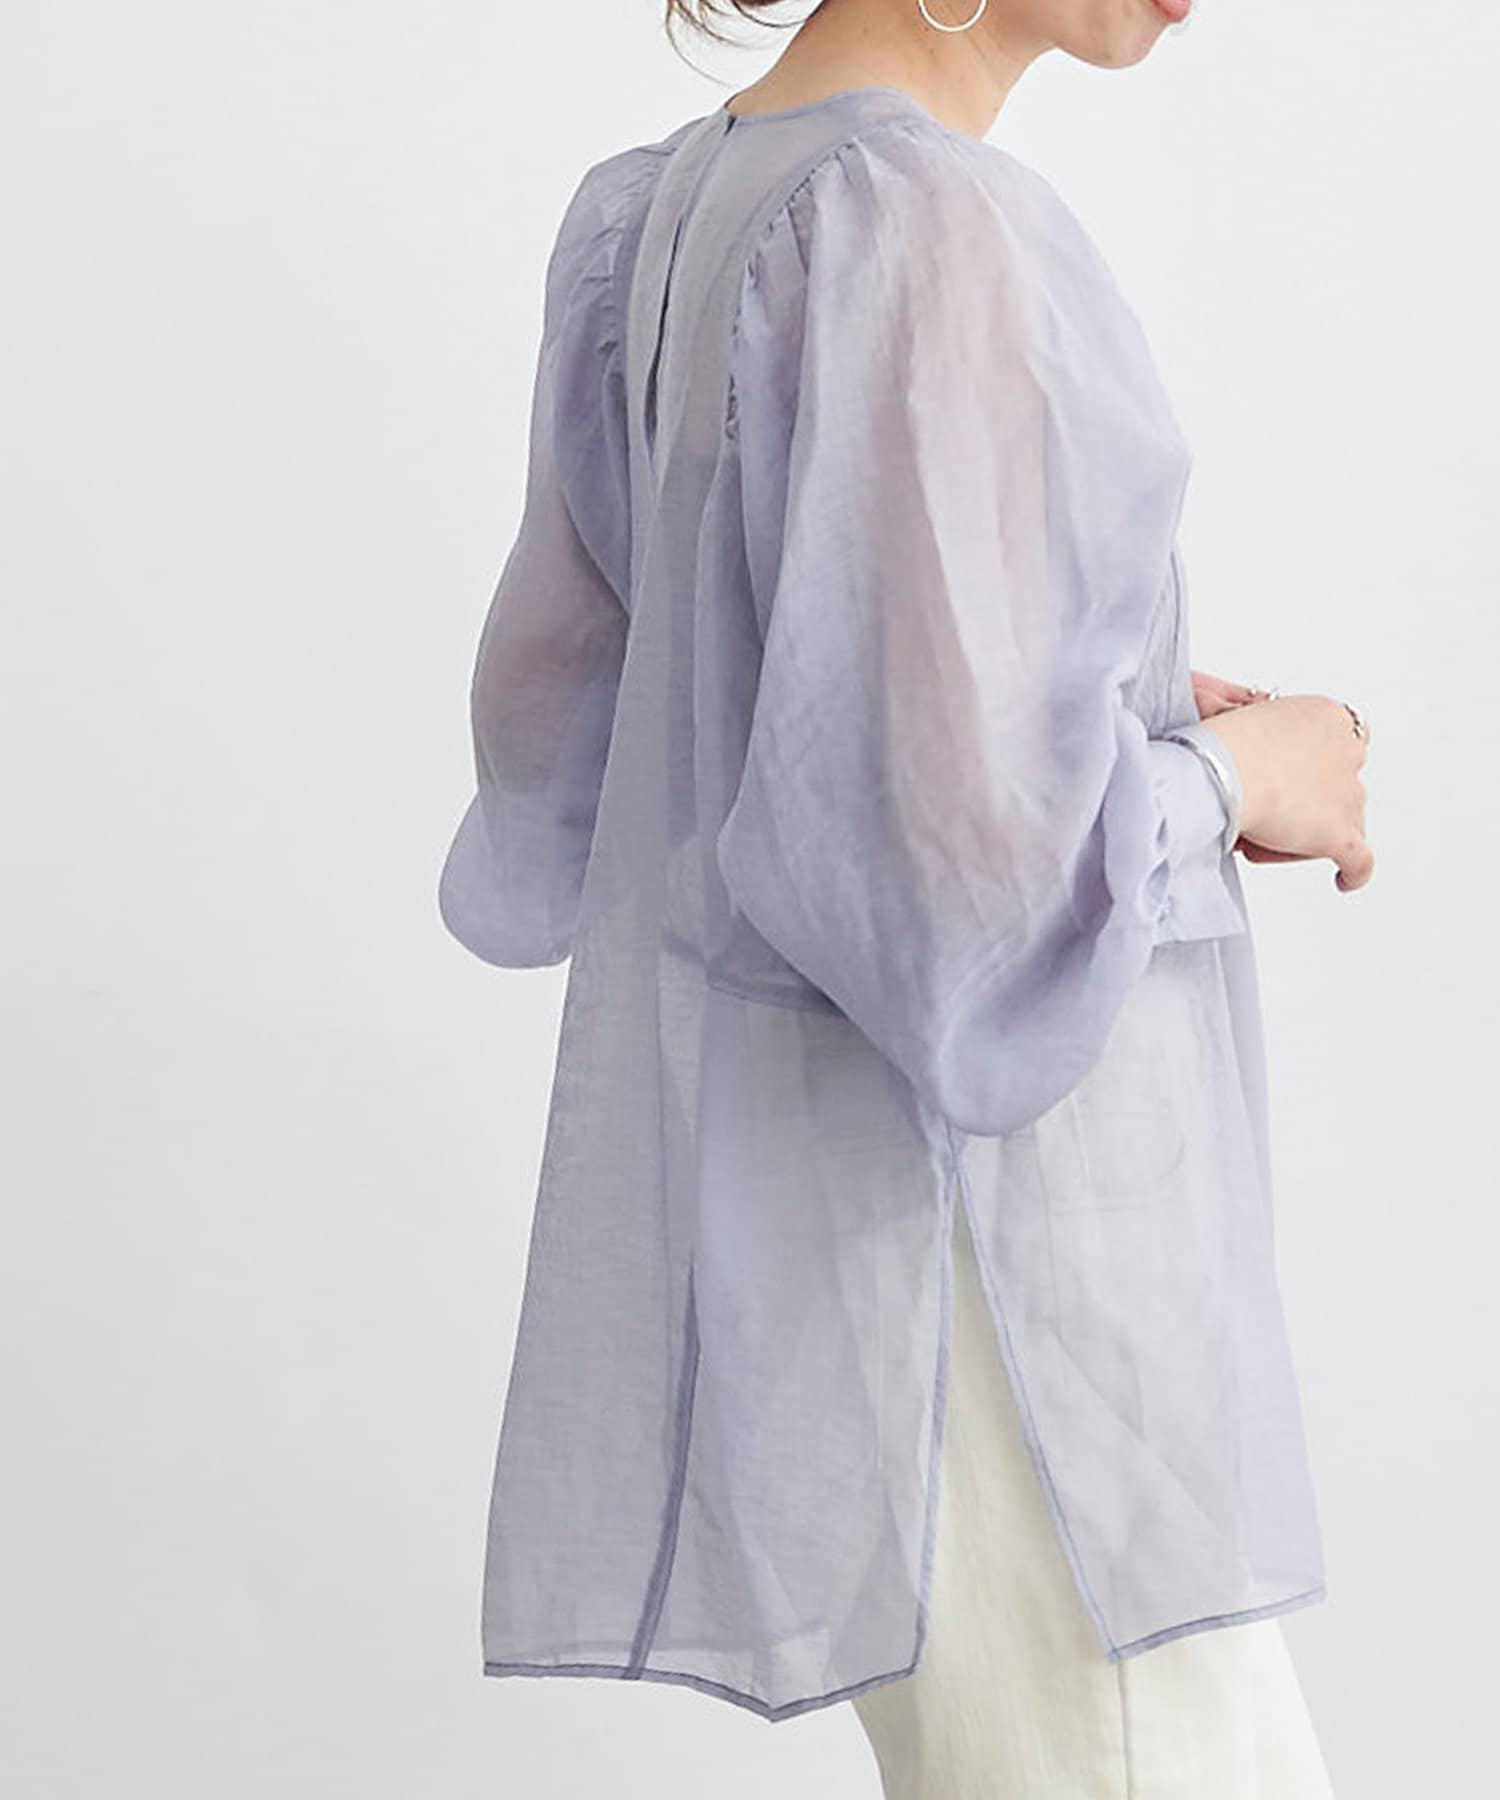 DOUDOU(ドゥドゥ) 【WEB限定】袖ギャザーボリュームブラウス